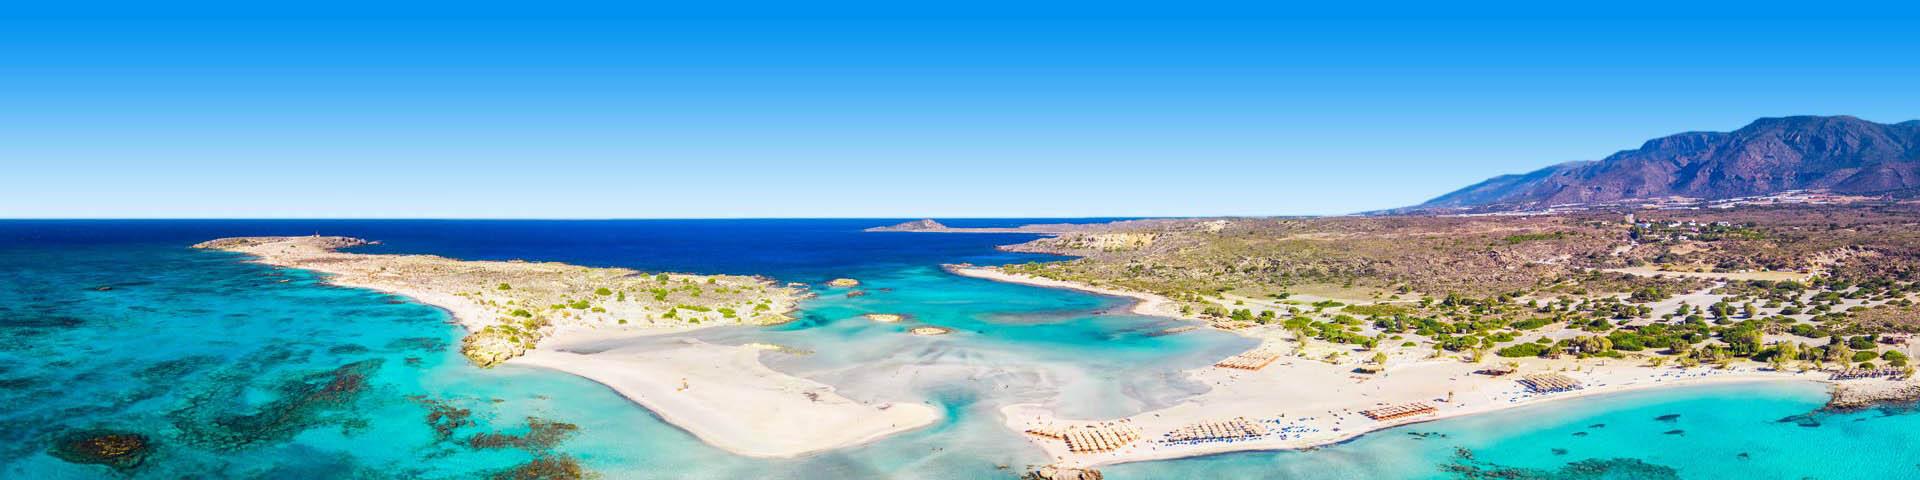 Uitzicht over helderblauwe baaitjes eindigend in de zee bij Kreta